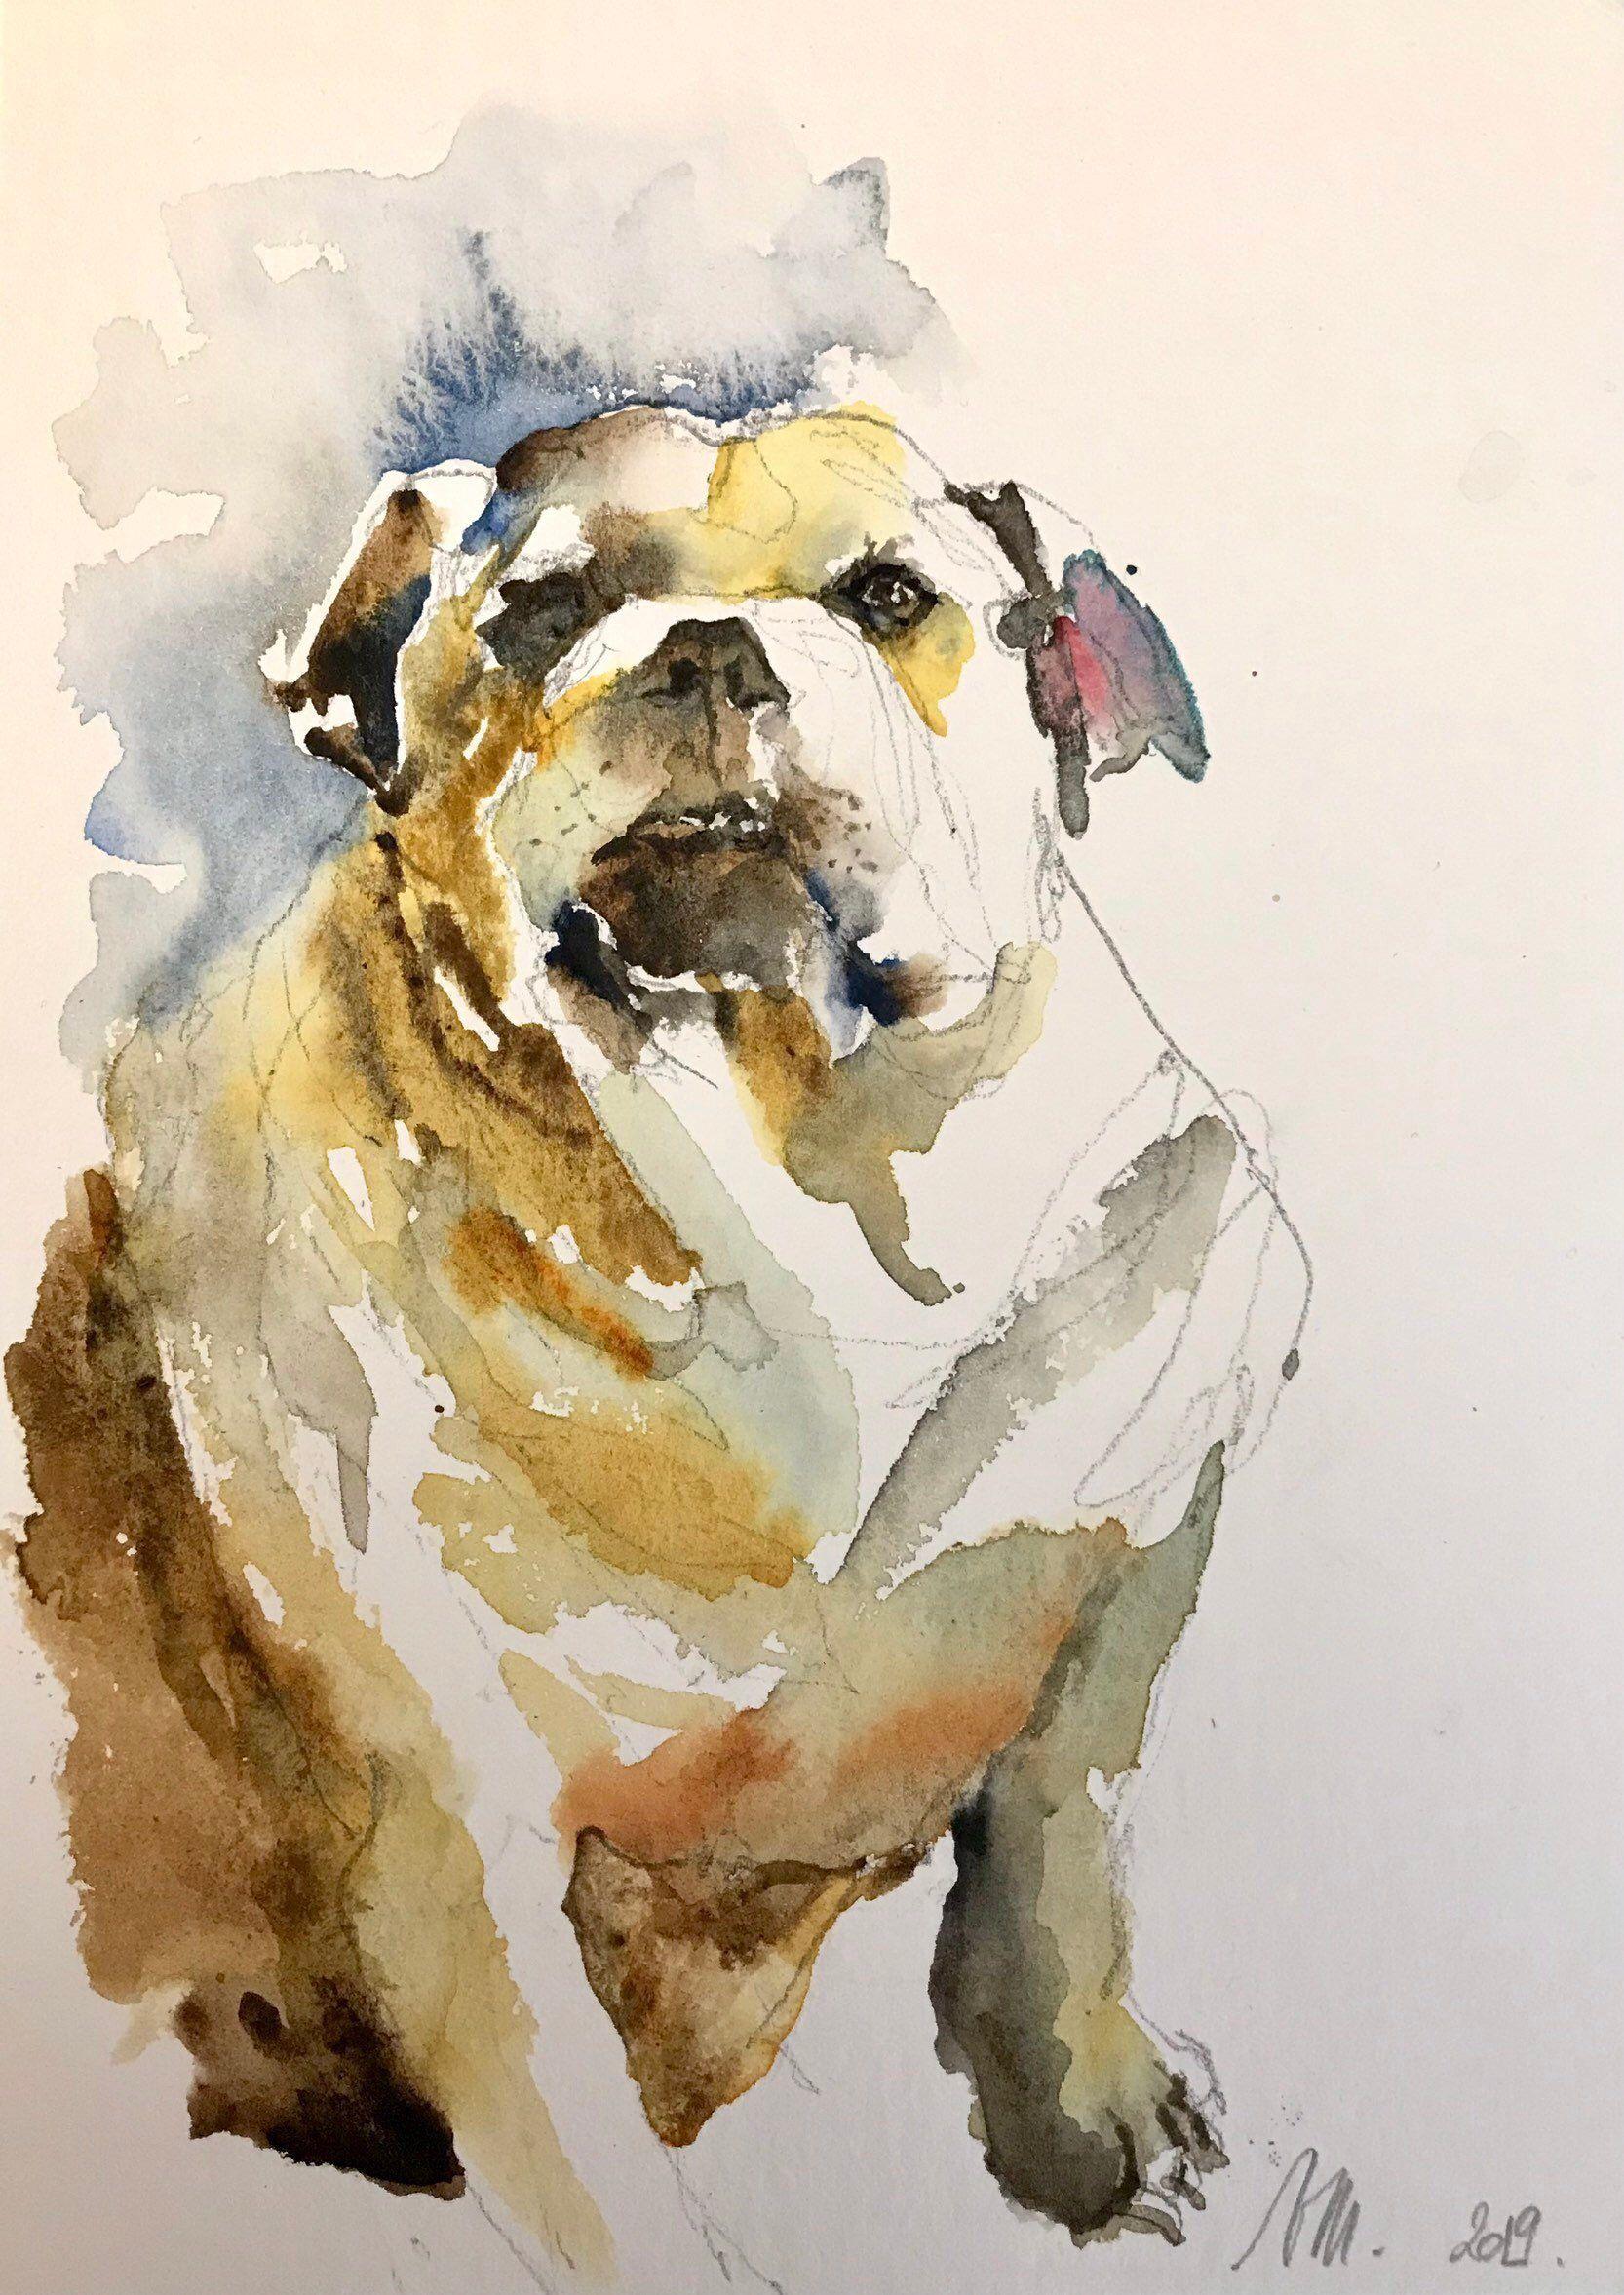 J Ai Le Plaisir De Vous Presenter Cet Article De Ma Boutique Etsy Aquarelle Peinture Originale Le Bulldog Anglais Wa Comment Peindre Dessin Chien Dessin